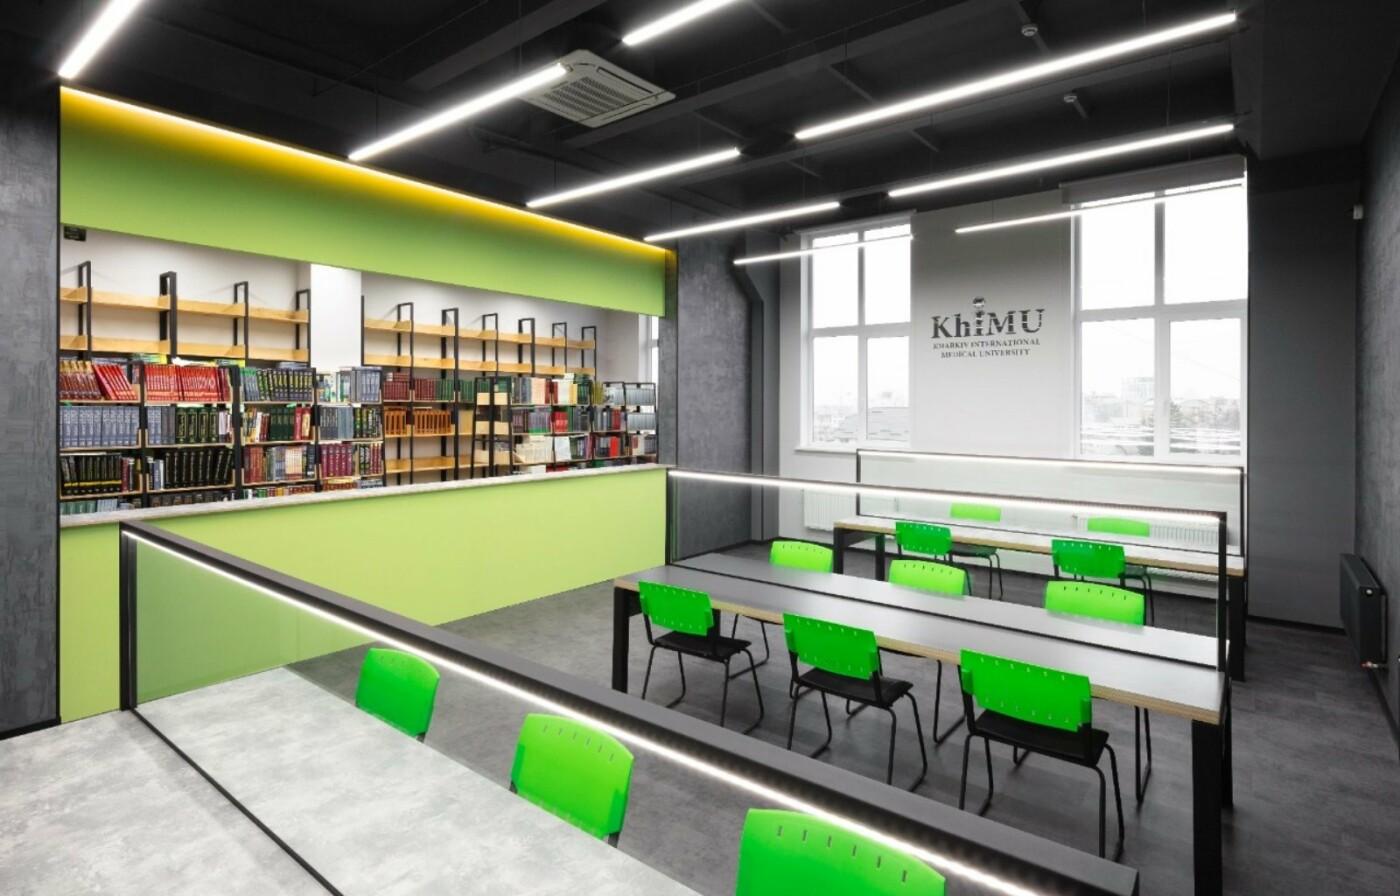 Стильная, яркая и индивидуальная мебель в стиле Loft от компании Lux-m для учебного заведения, фото-4